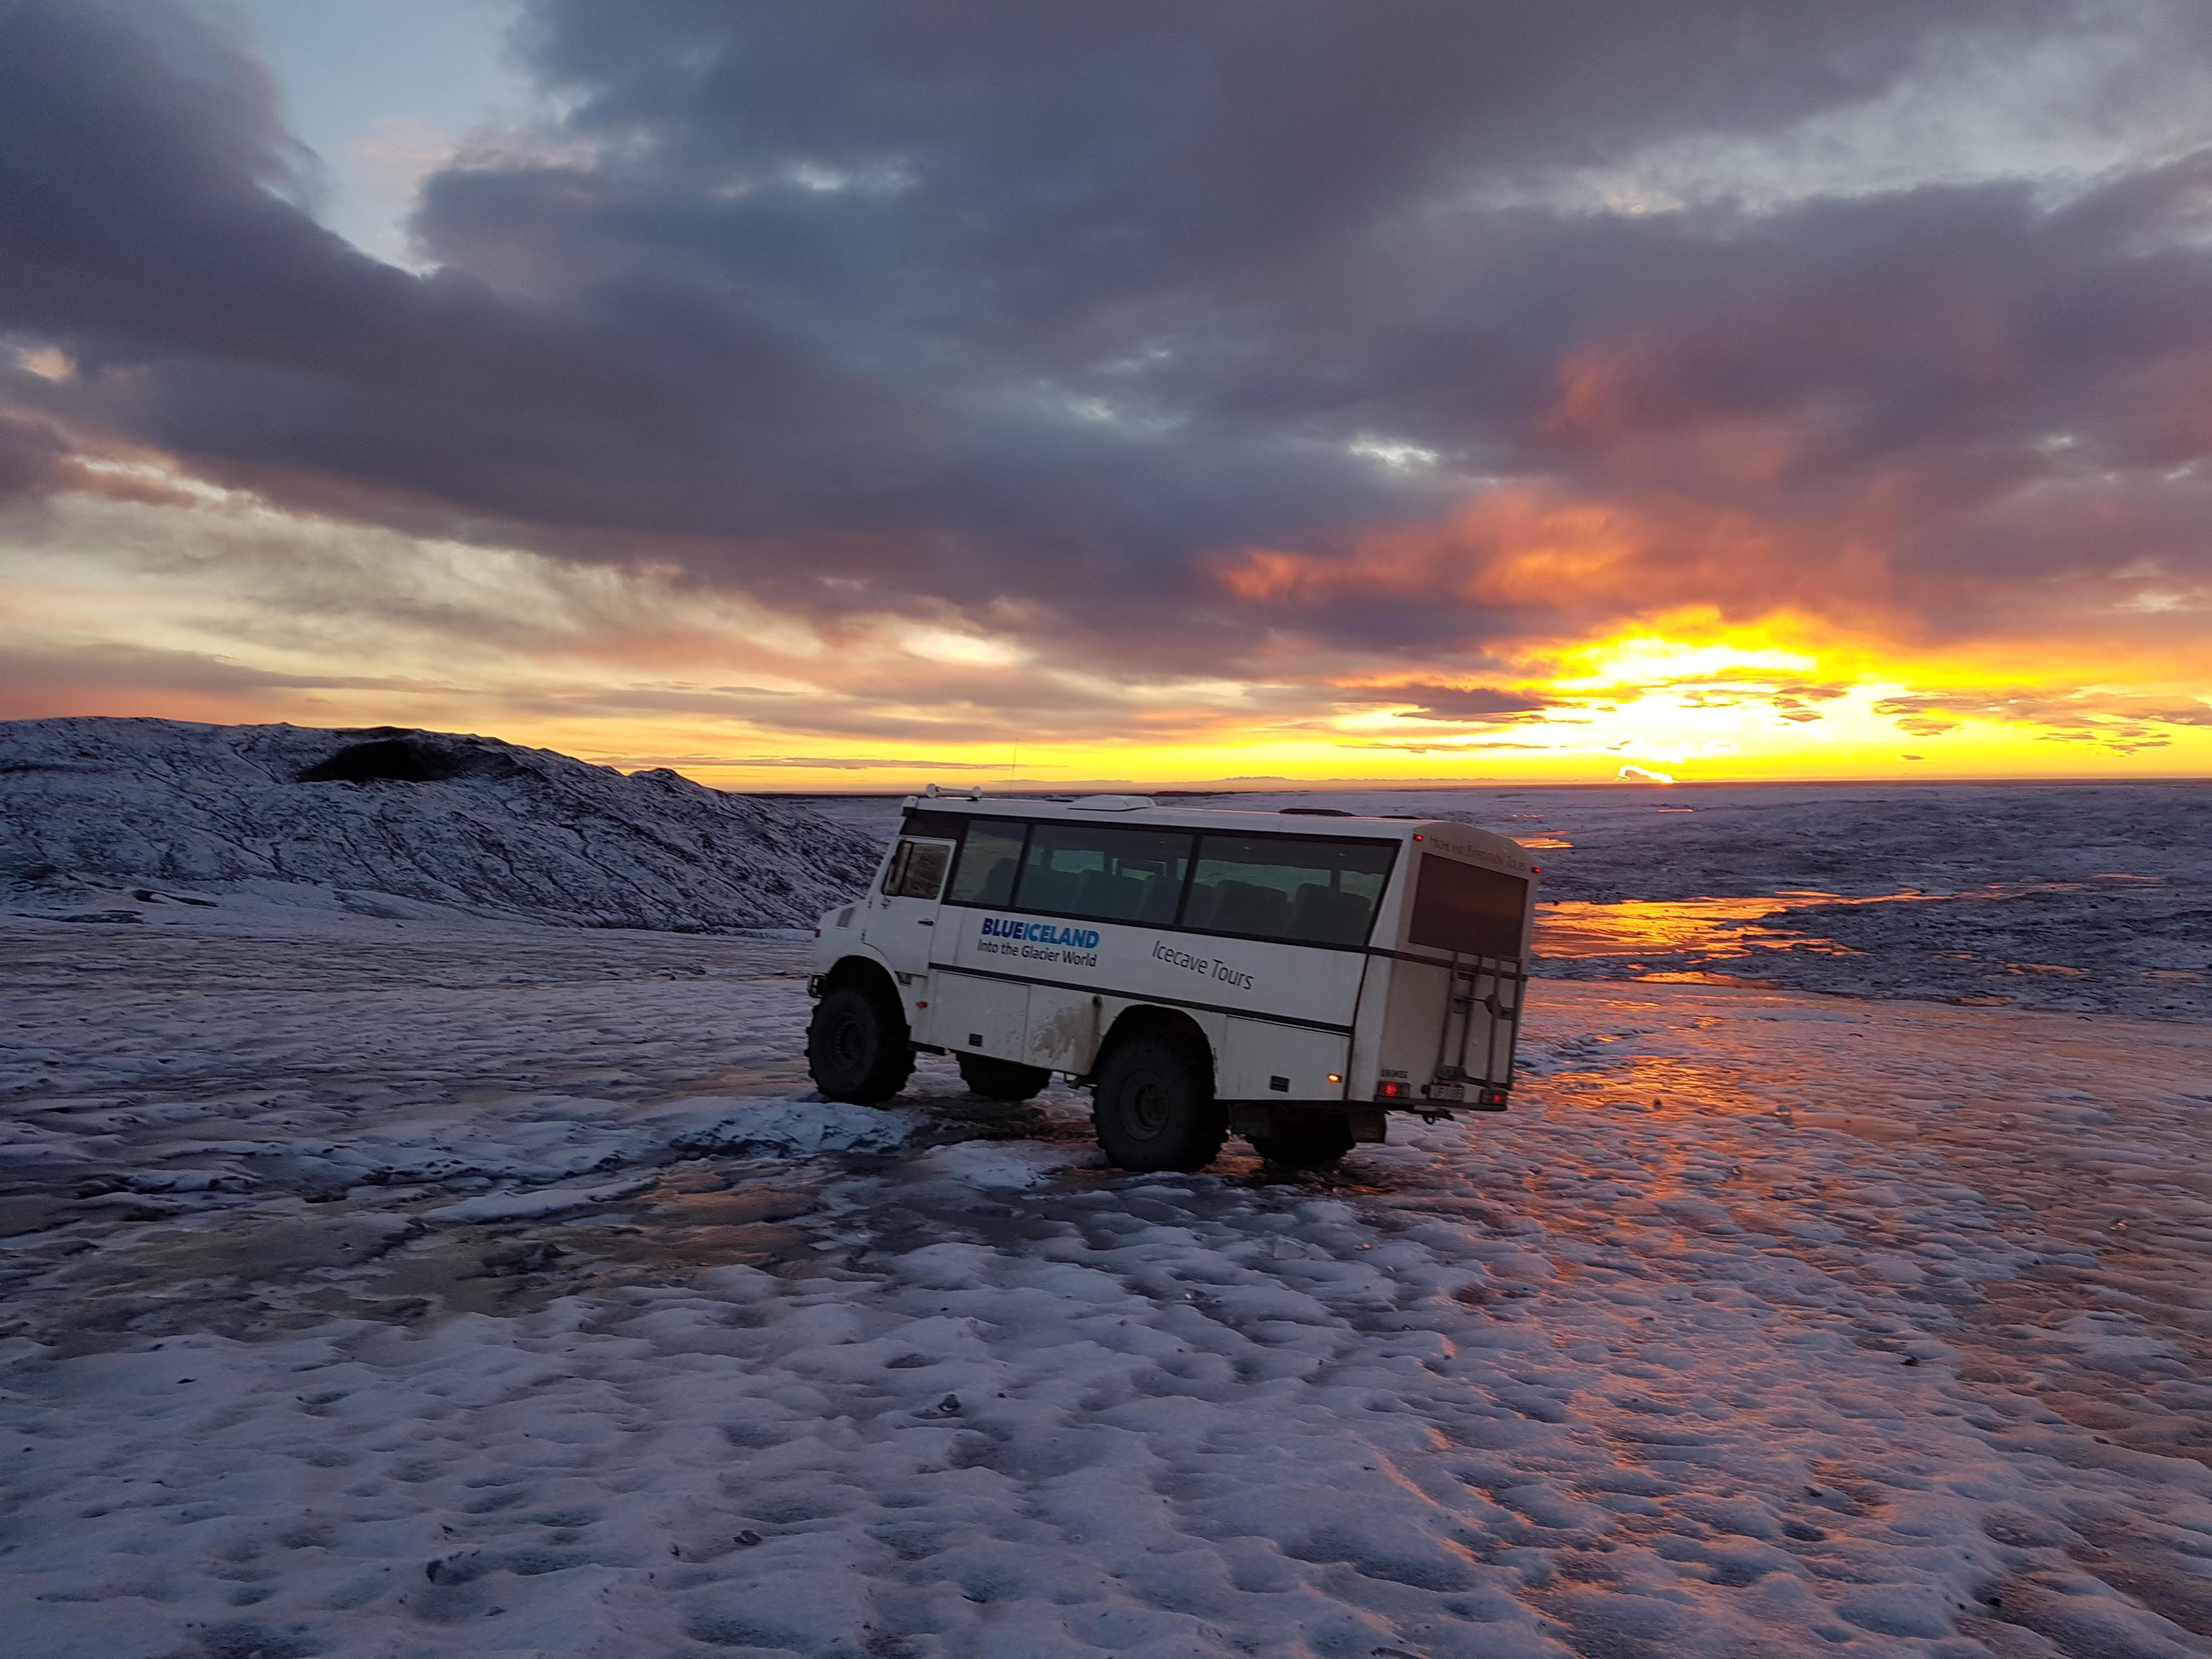 Blue Iceland glacier tour - sunset on Vatnajökull - Unimog glacier vehicle.